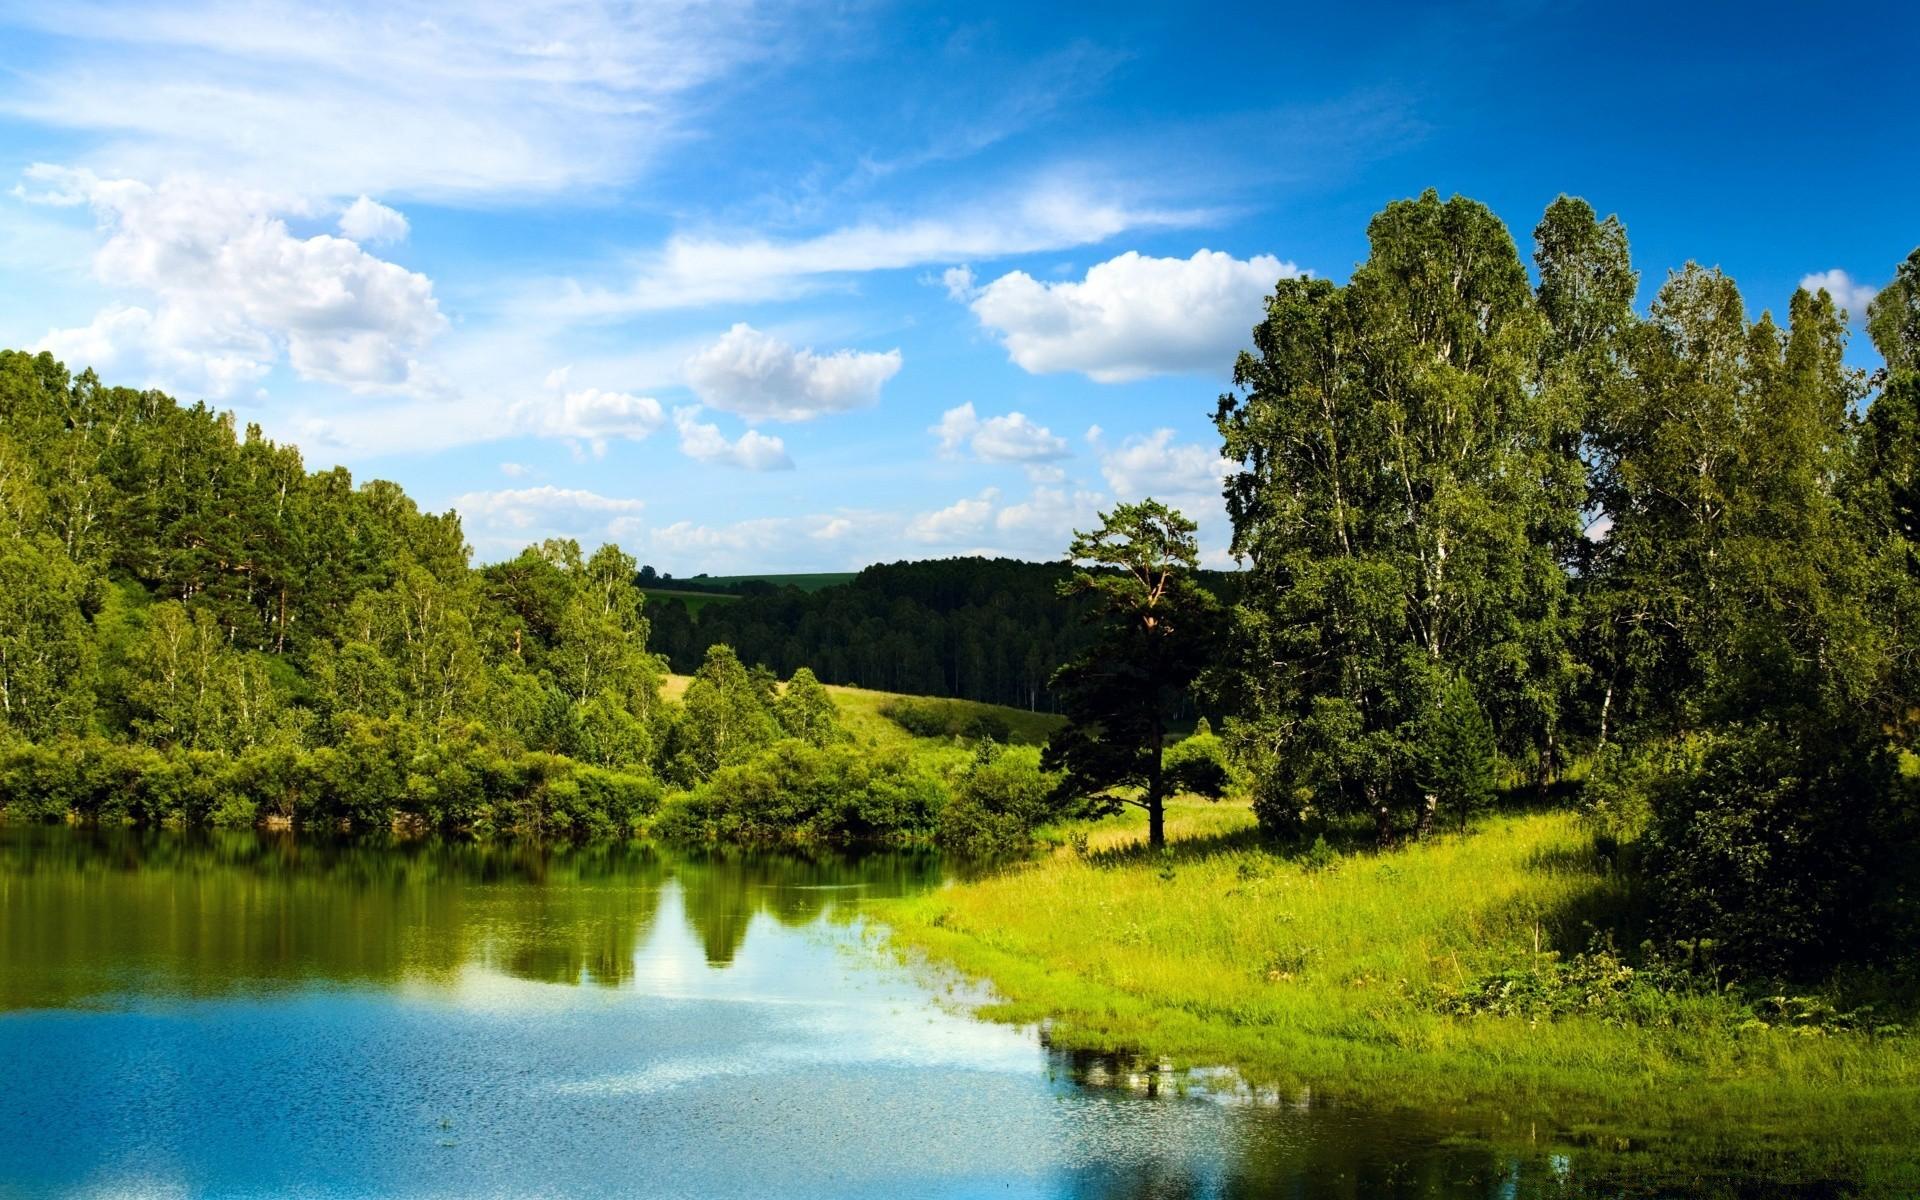 интернете картинки на рабочий стол реки озера летом крайнем случае